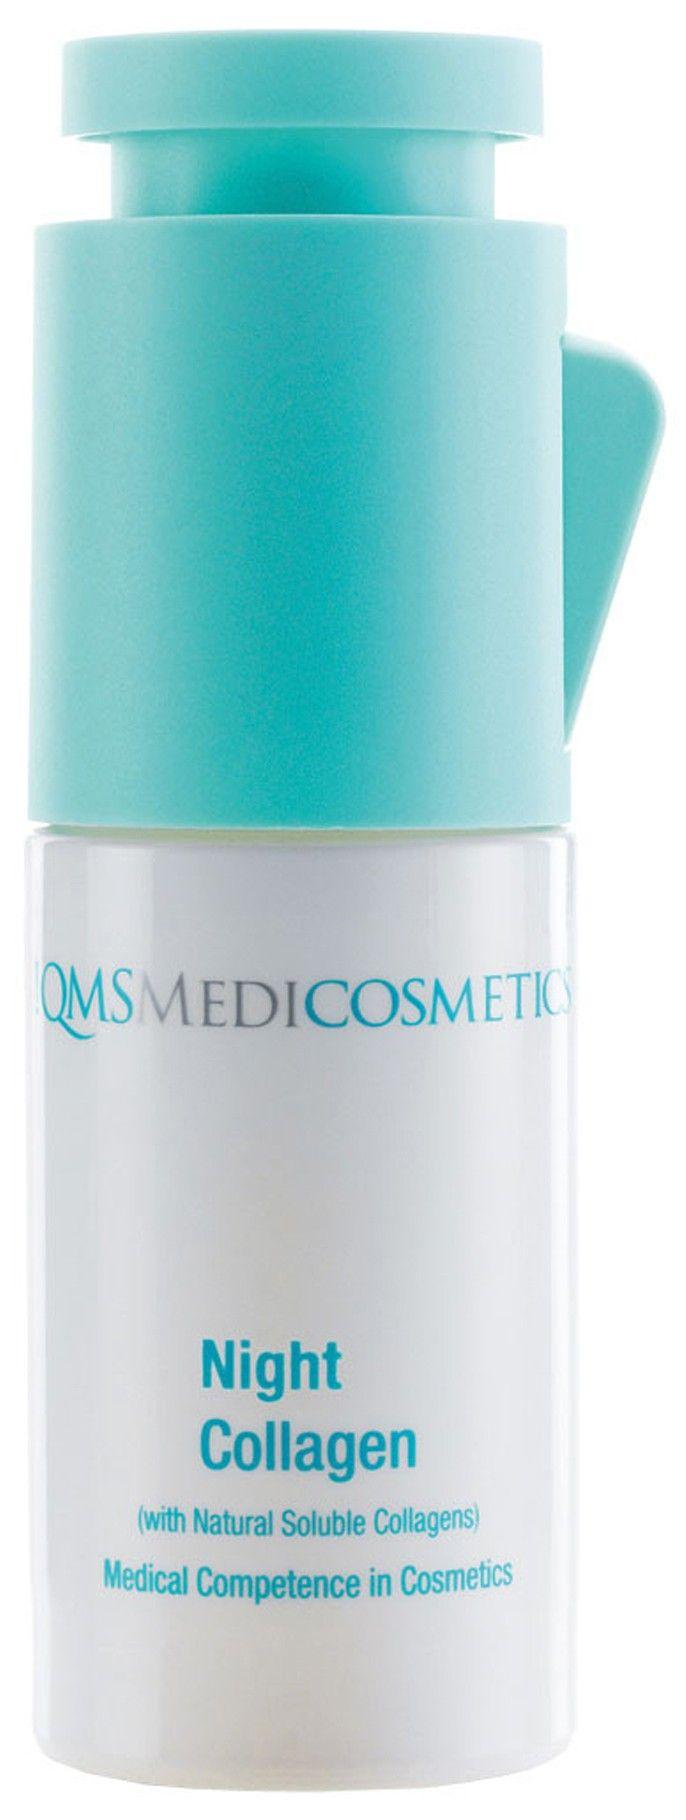 NIGHT COLLAGEN (na 15u) van QMS Medicosmetics ondersteunt het nachtelijke regeneratieproces van de huid. Oplosbare collagenen dringen in de huid en vormen een langdurig vochtreservoir. NIGHT REPAIR (na 15u) wordt gebruikt ter ondersteuning van het regenereren van de huid. Oplosbare collagenen dringen in de huid en vormen een langdurig reservoir. Door de kalmerende en wond helende componenten wordt de gestreste huid geharmoniseerd.